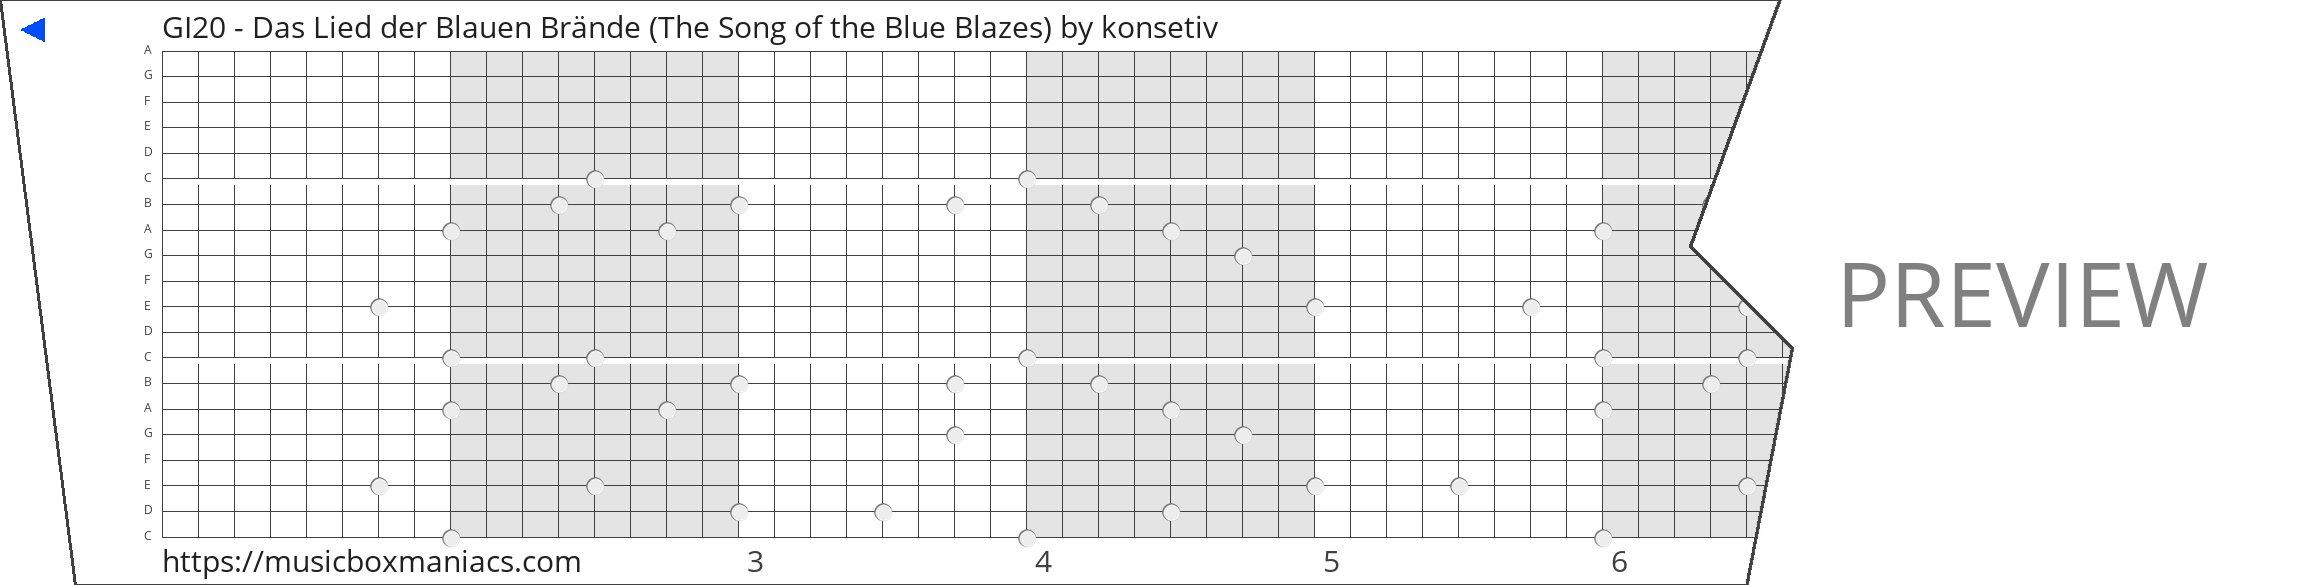 GI20 - Das Lied der Blauen Brände (The Song of the Blue Blazes) 20 note music box paper strip